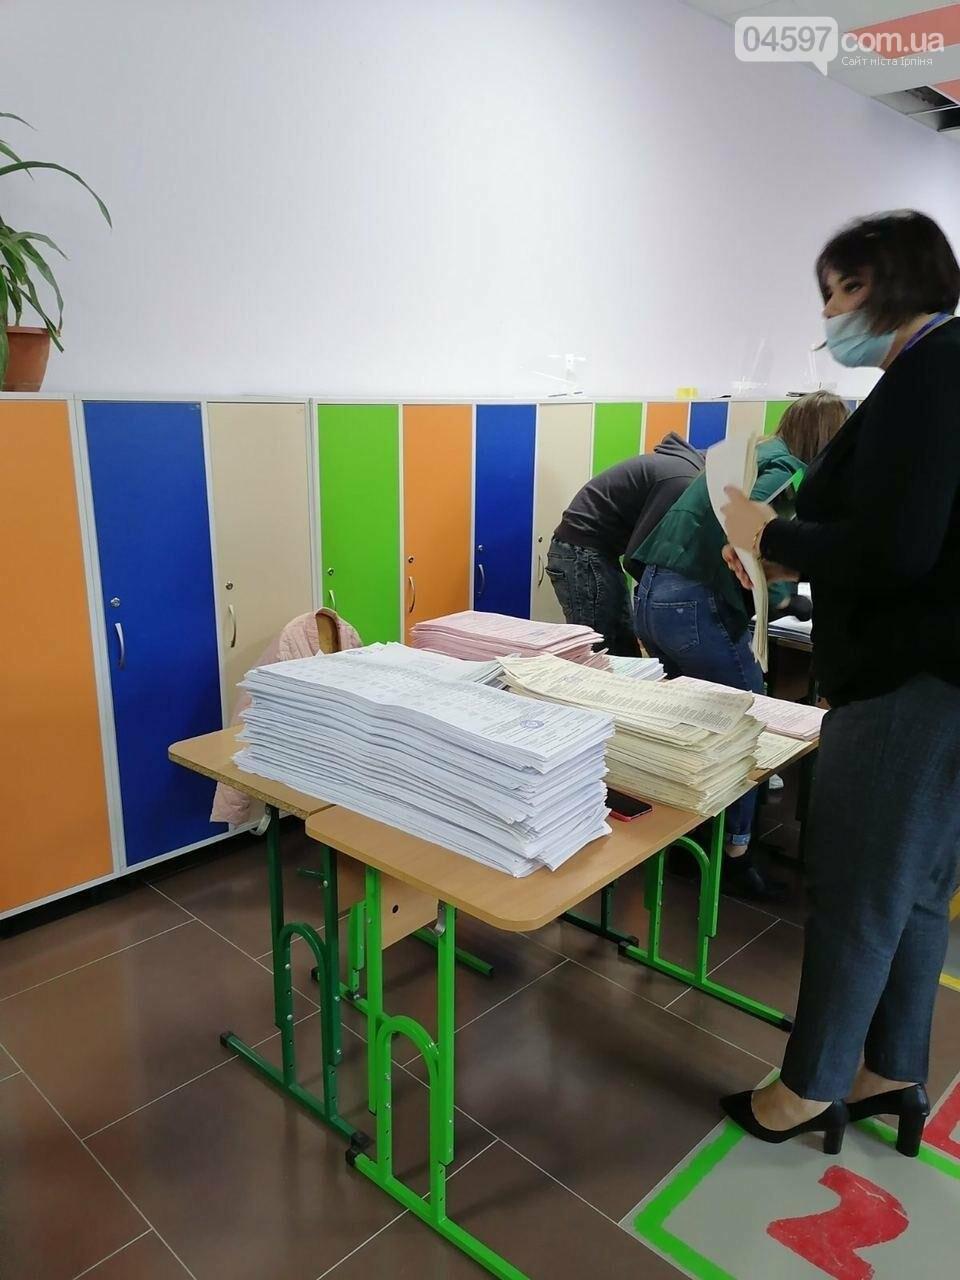 Ірпінь голосує - фоторепортаж, фото-1